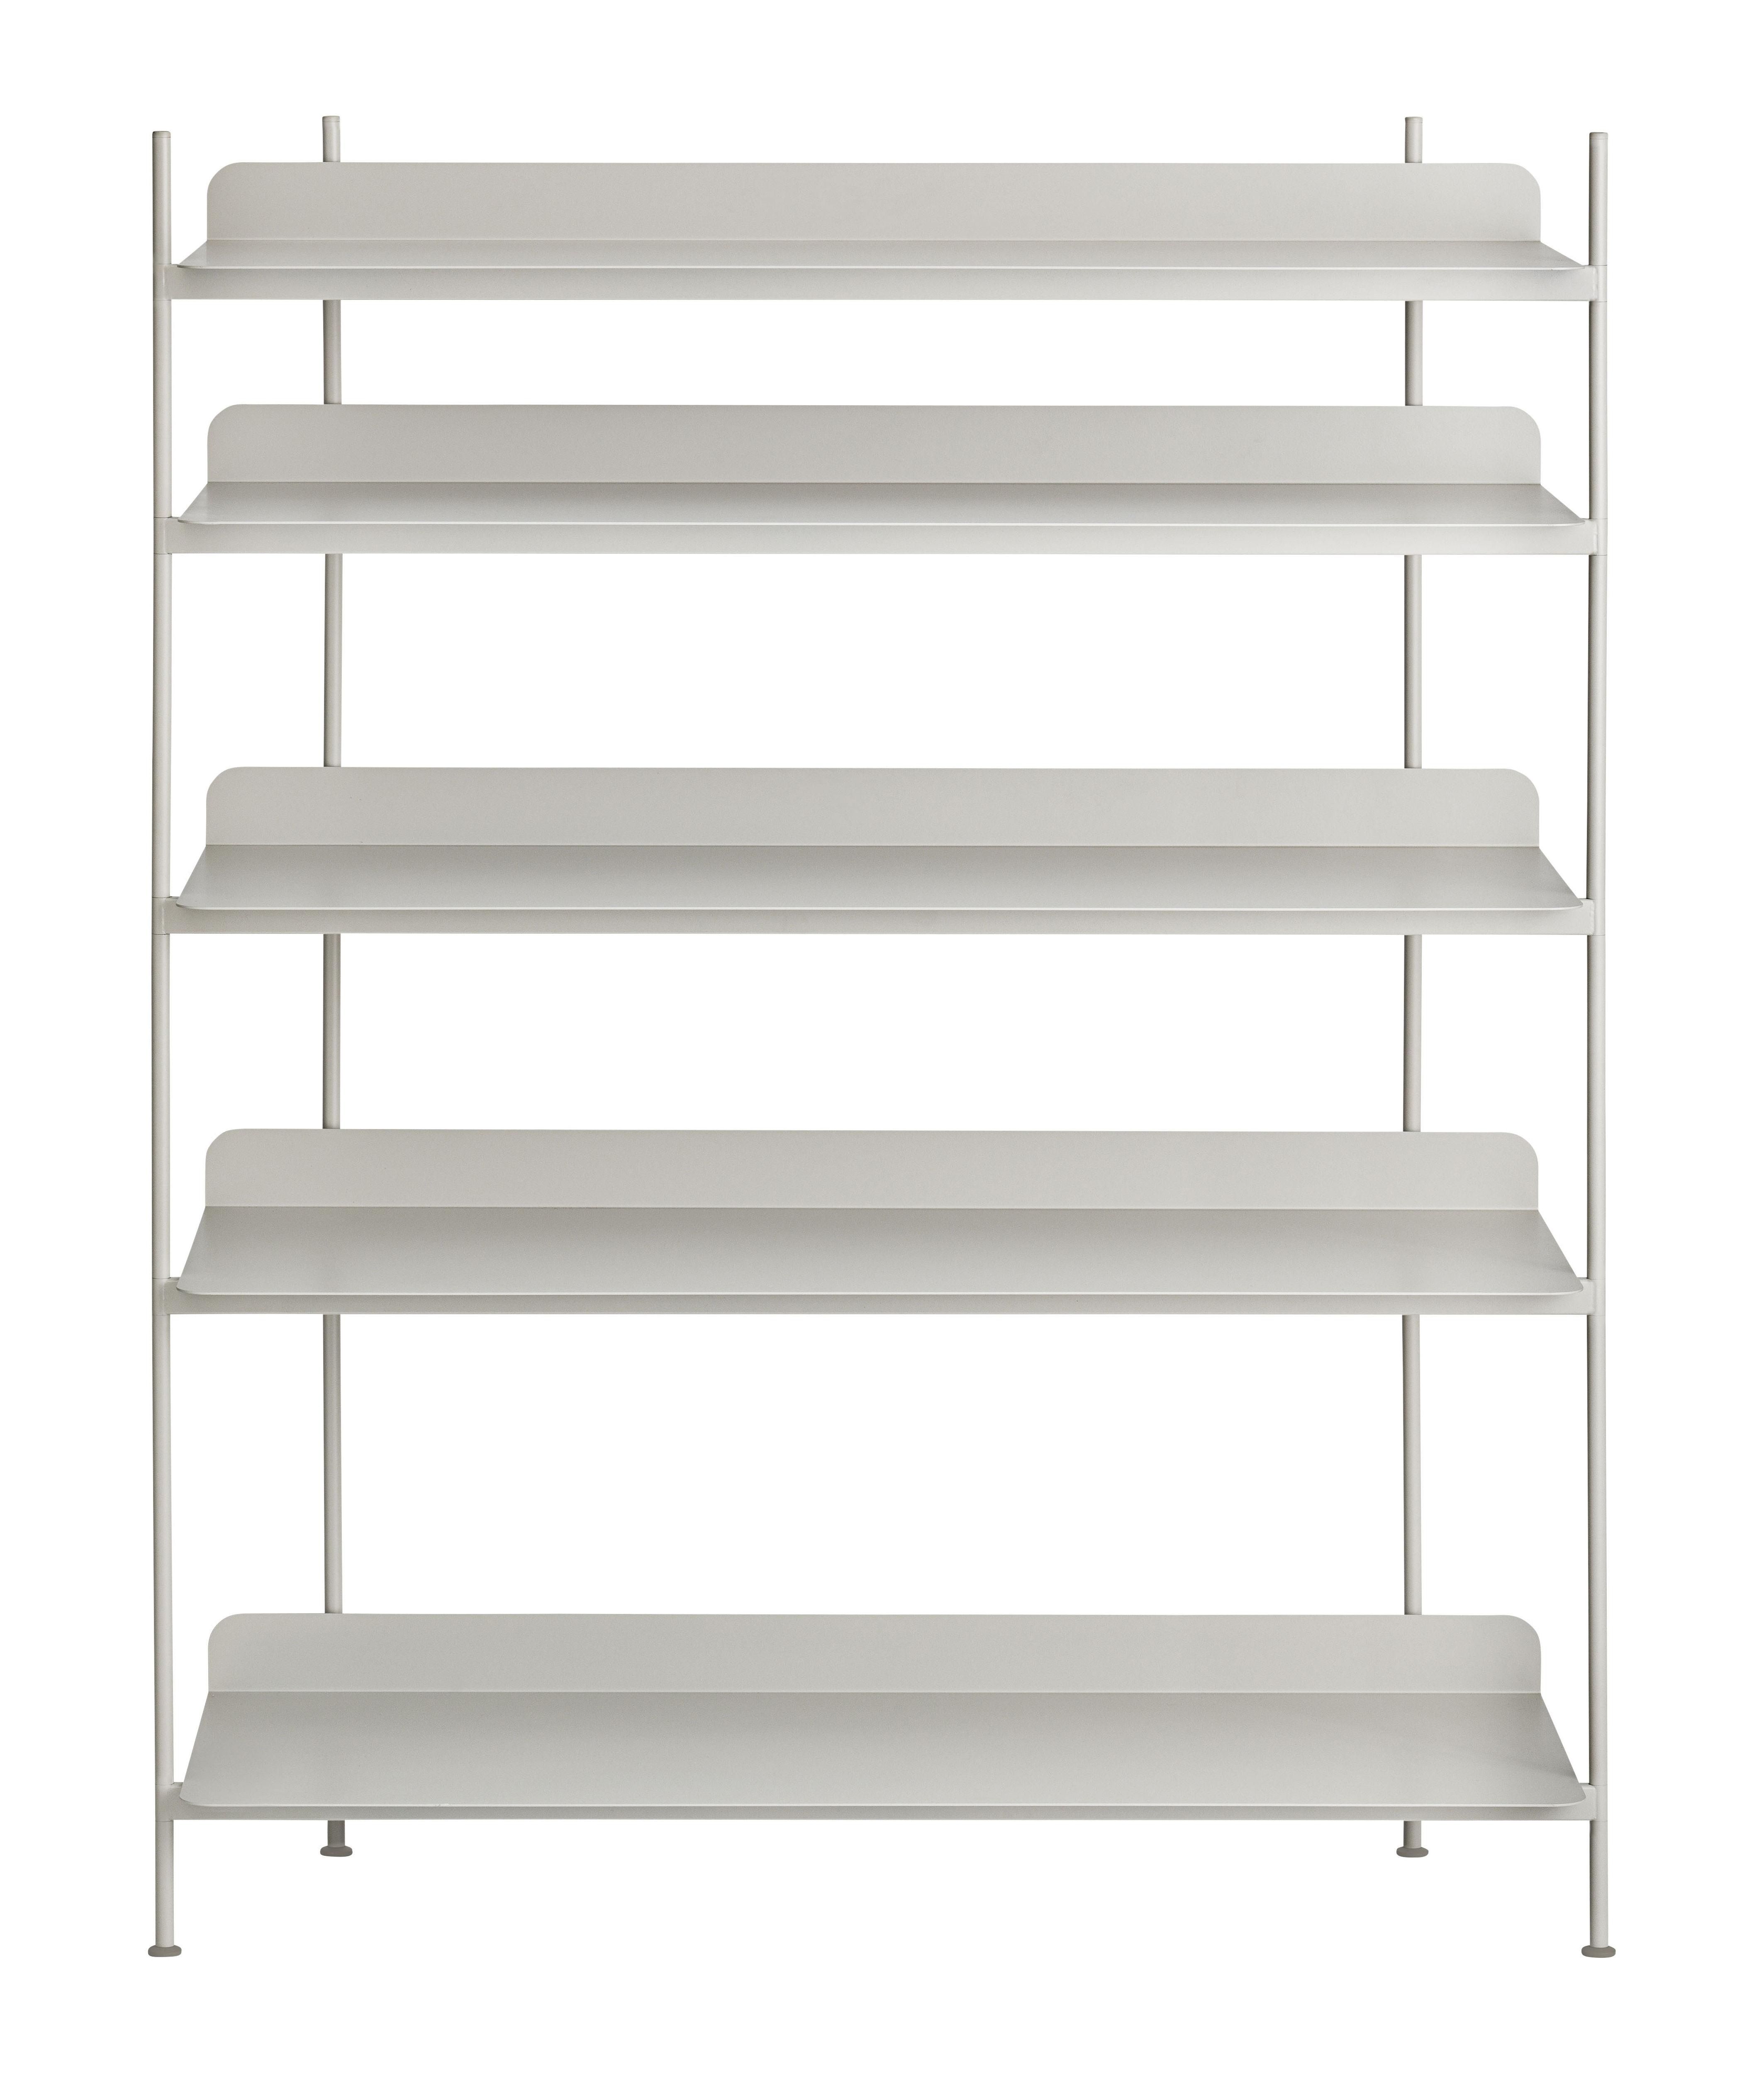 Mobilier - Etagères & bibliothèques - Etagère Compile / Métal - L 120 cm x H 136,6 cm - Muuto - Gris - Acier laqué